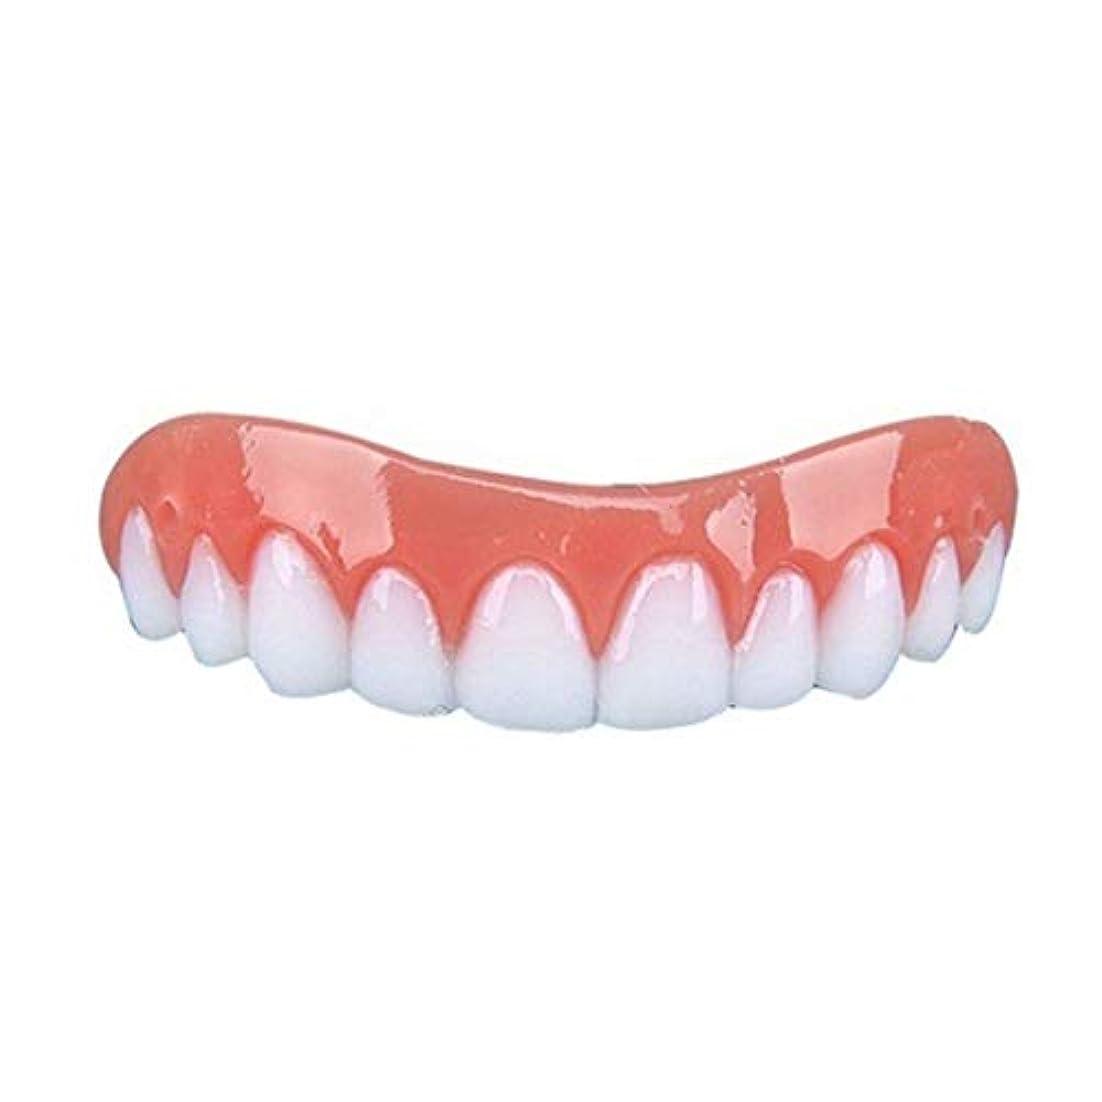 スケルトン一緒に援助するBartram 歯カバー シリコン義歯ペースト 上歯 笑顔を保つ 歯保護 美容用 入れ歯 矯正義歯